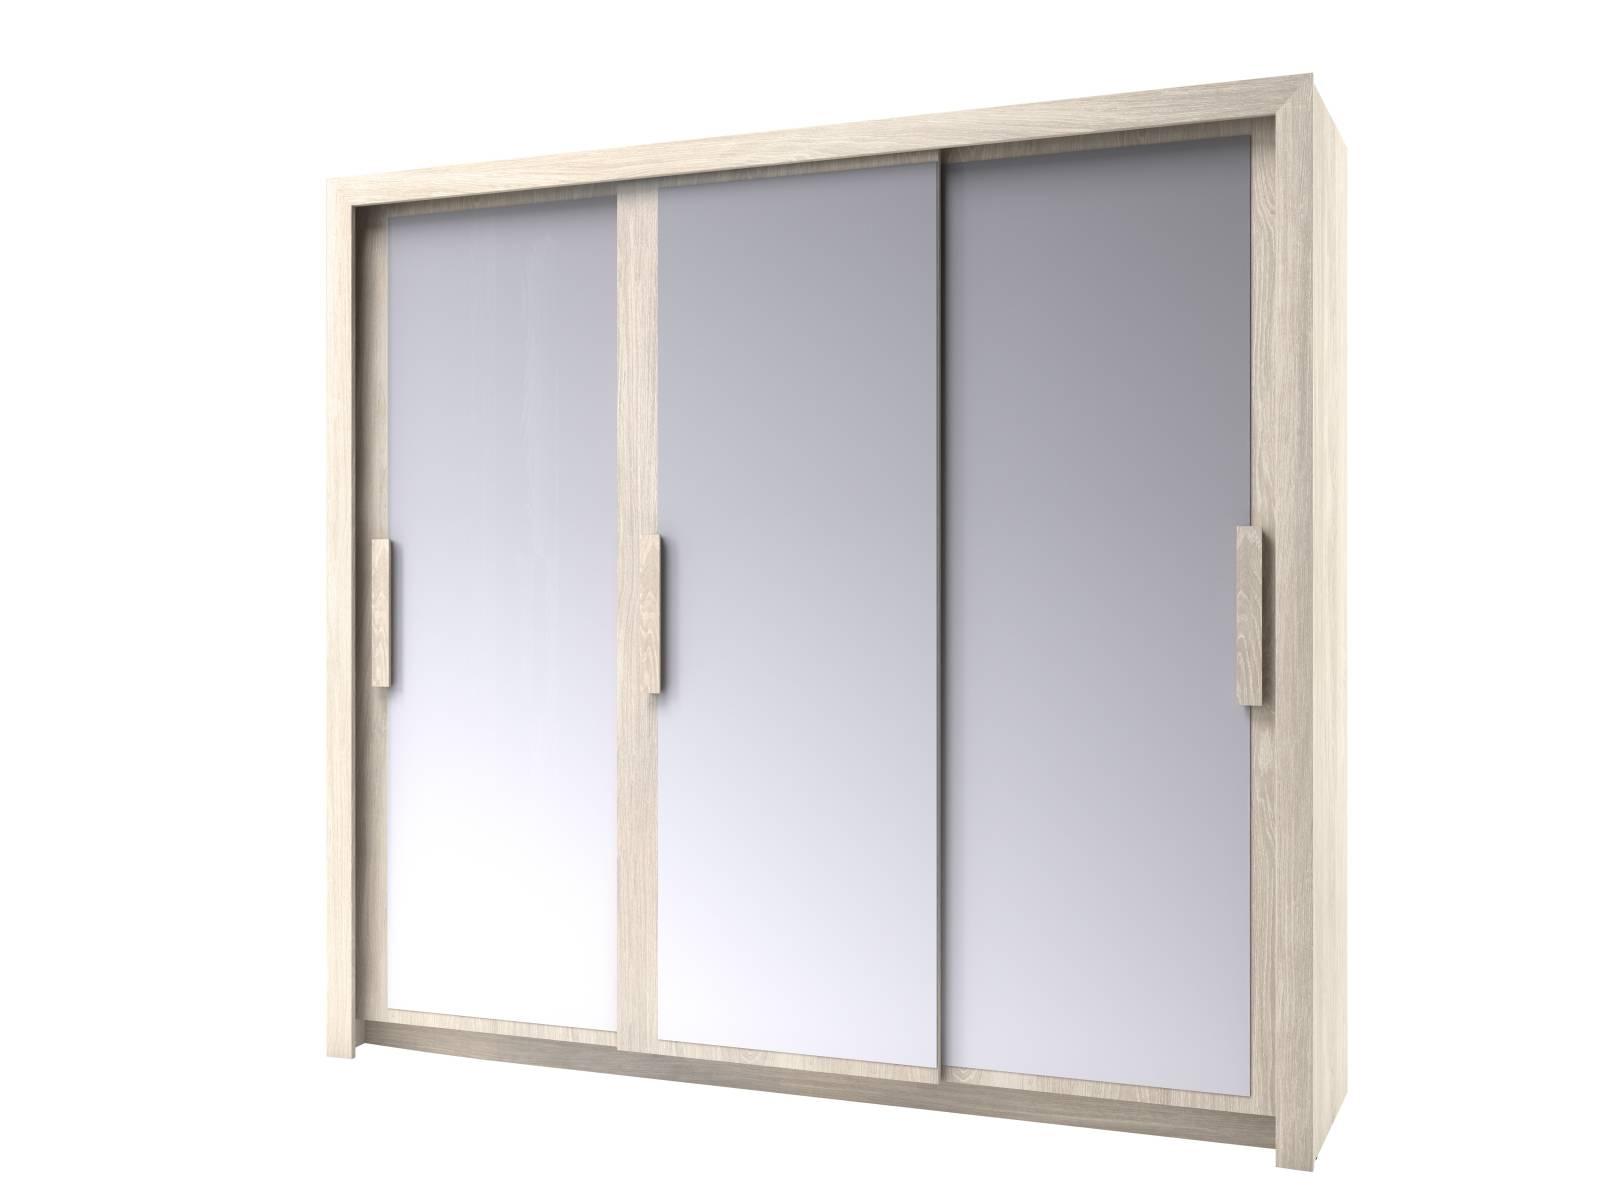 Chenin 3 Door Mirrored Wardrobe (Light Oak) | All Ranges | Cousins inside Wardrobes 3 Door With Mirror (Image 6 of 15)